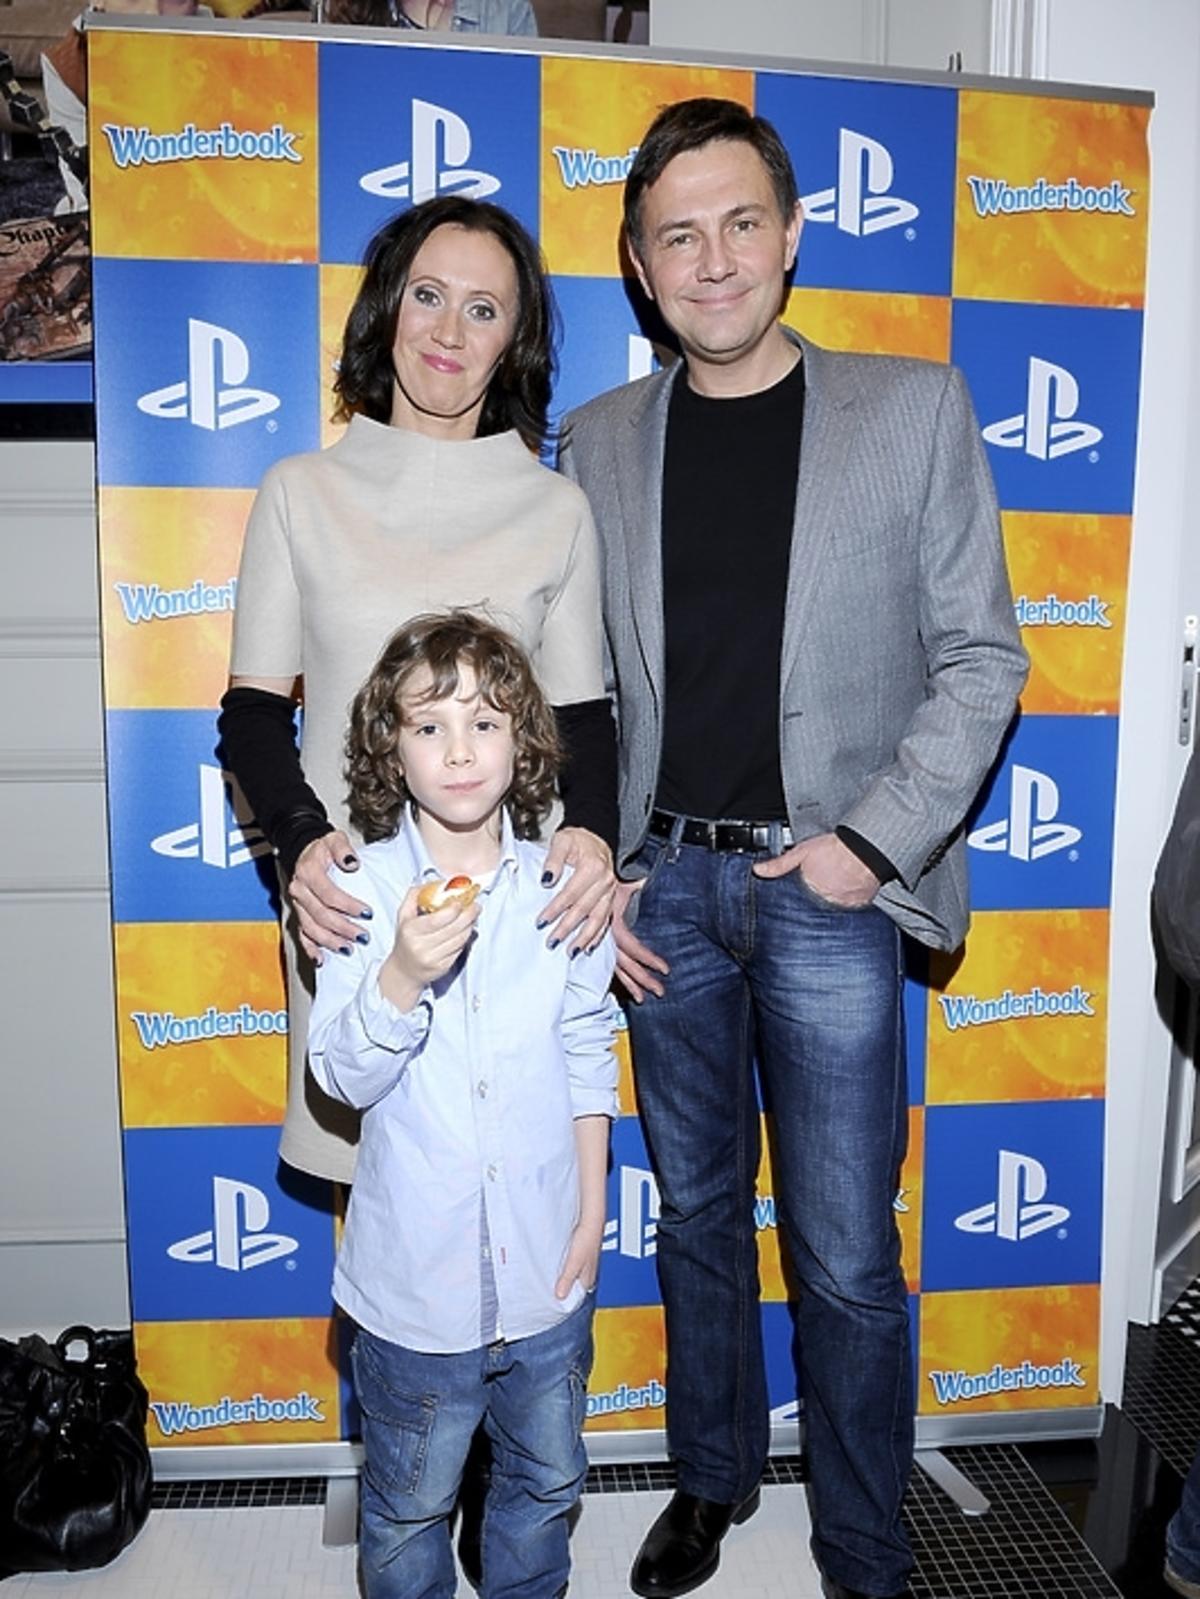 Anna Ibisz z synem i Krzyszto Ibisz na premierze PlayStation 3 - Wonderbook: Księga Czarów